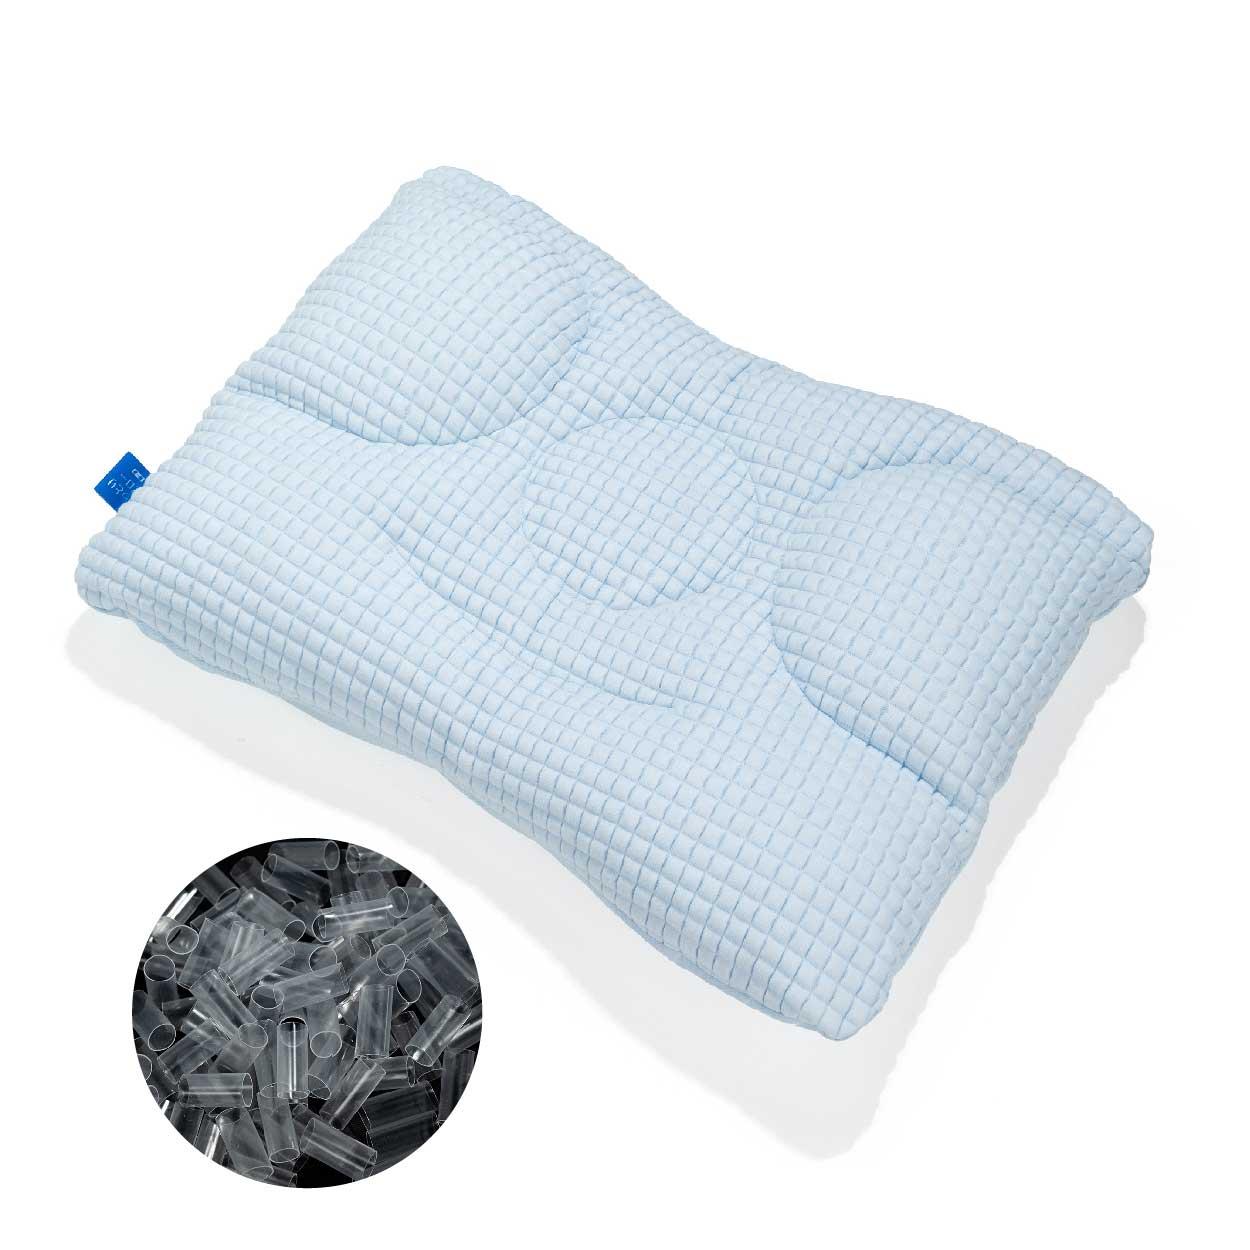 水鹿RICO粒子枕-乐眠肌肉枕/真丝舒眠枕积分商品